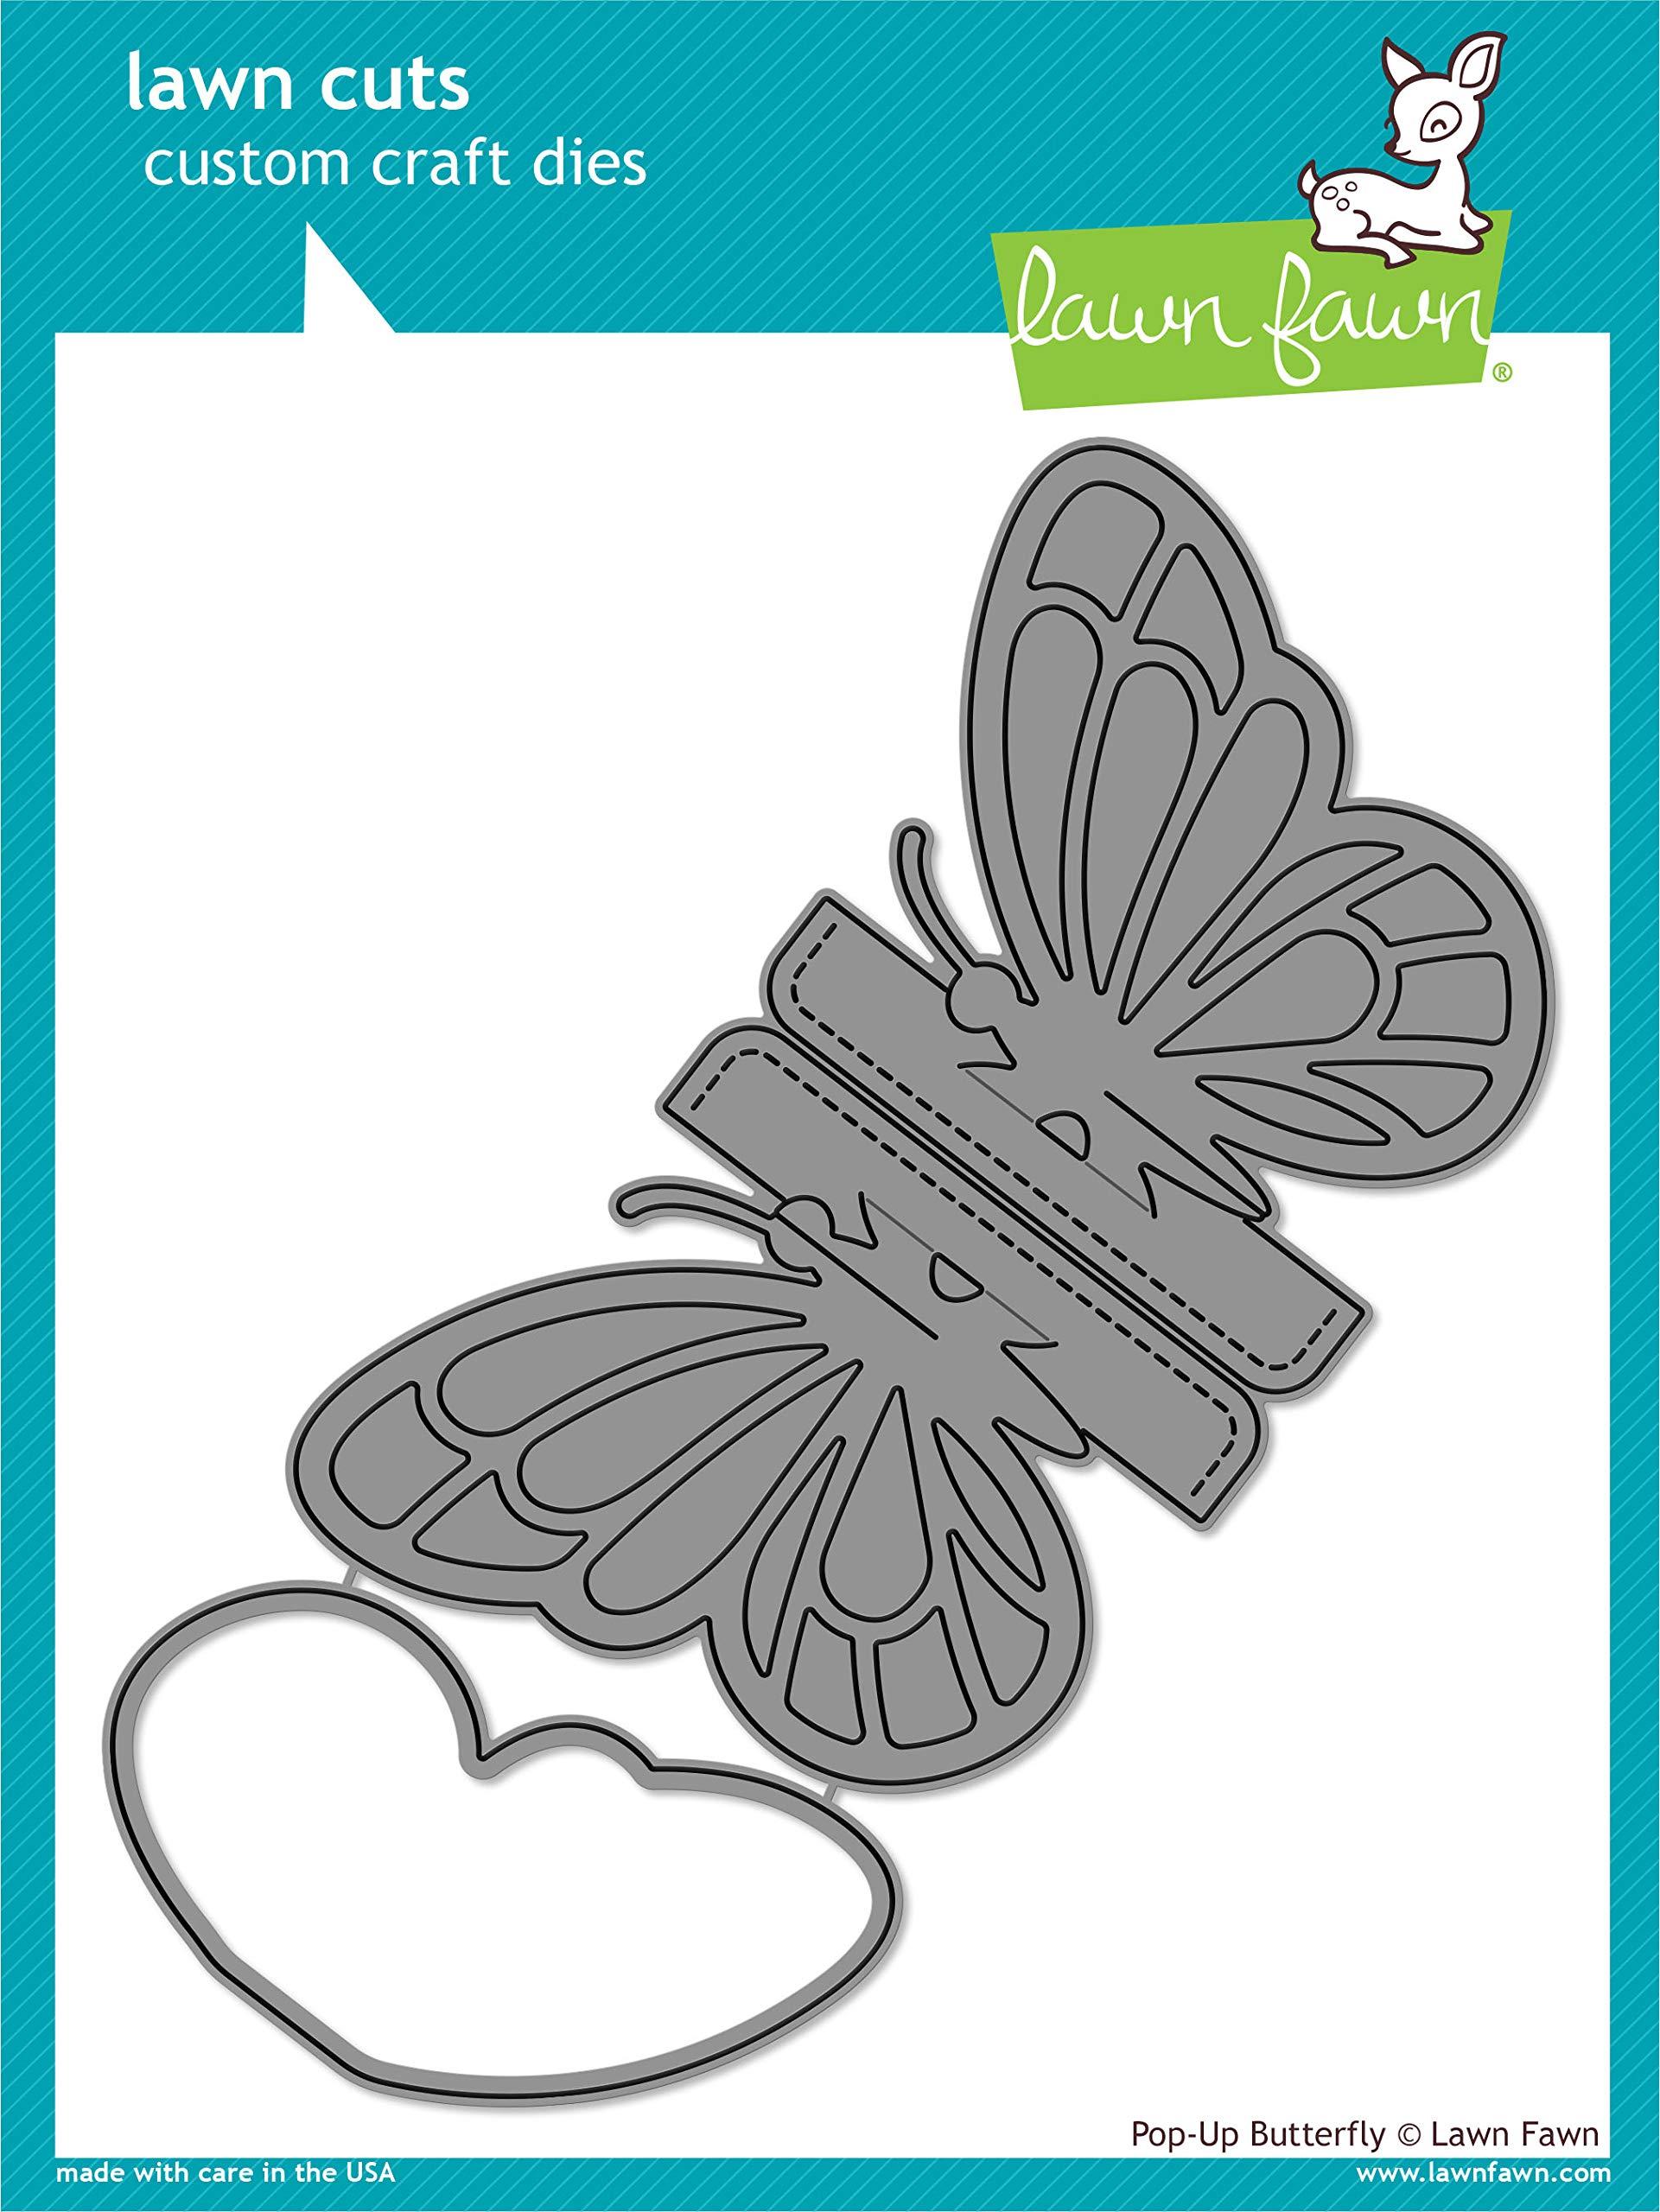 Lawn Fawn Pop-Up Butterfly Lawn Cuts Die (LF1914)